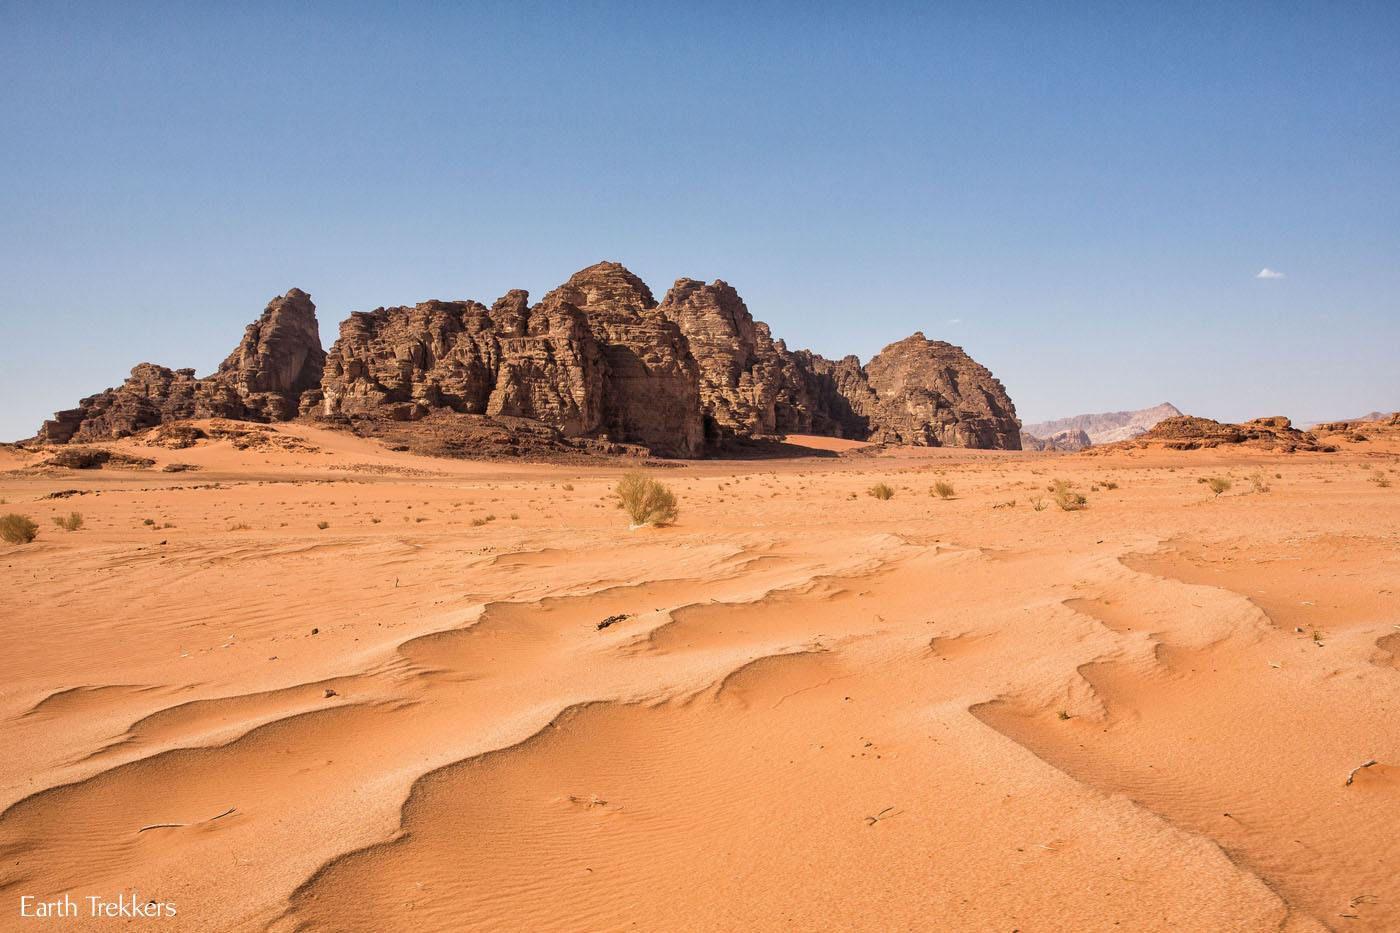 Wadi Rum Sand